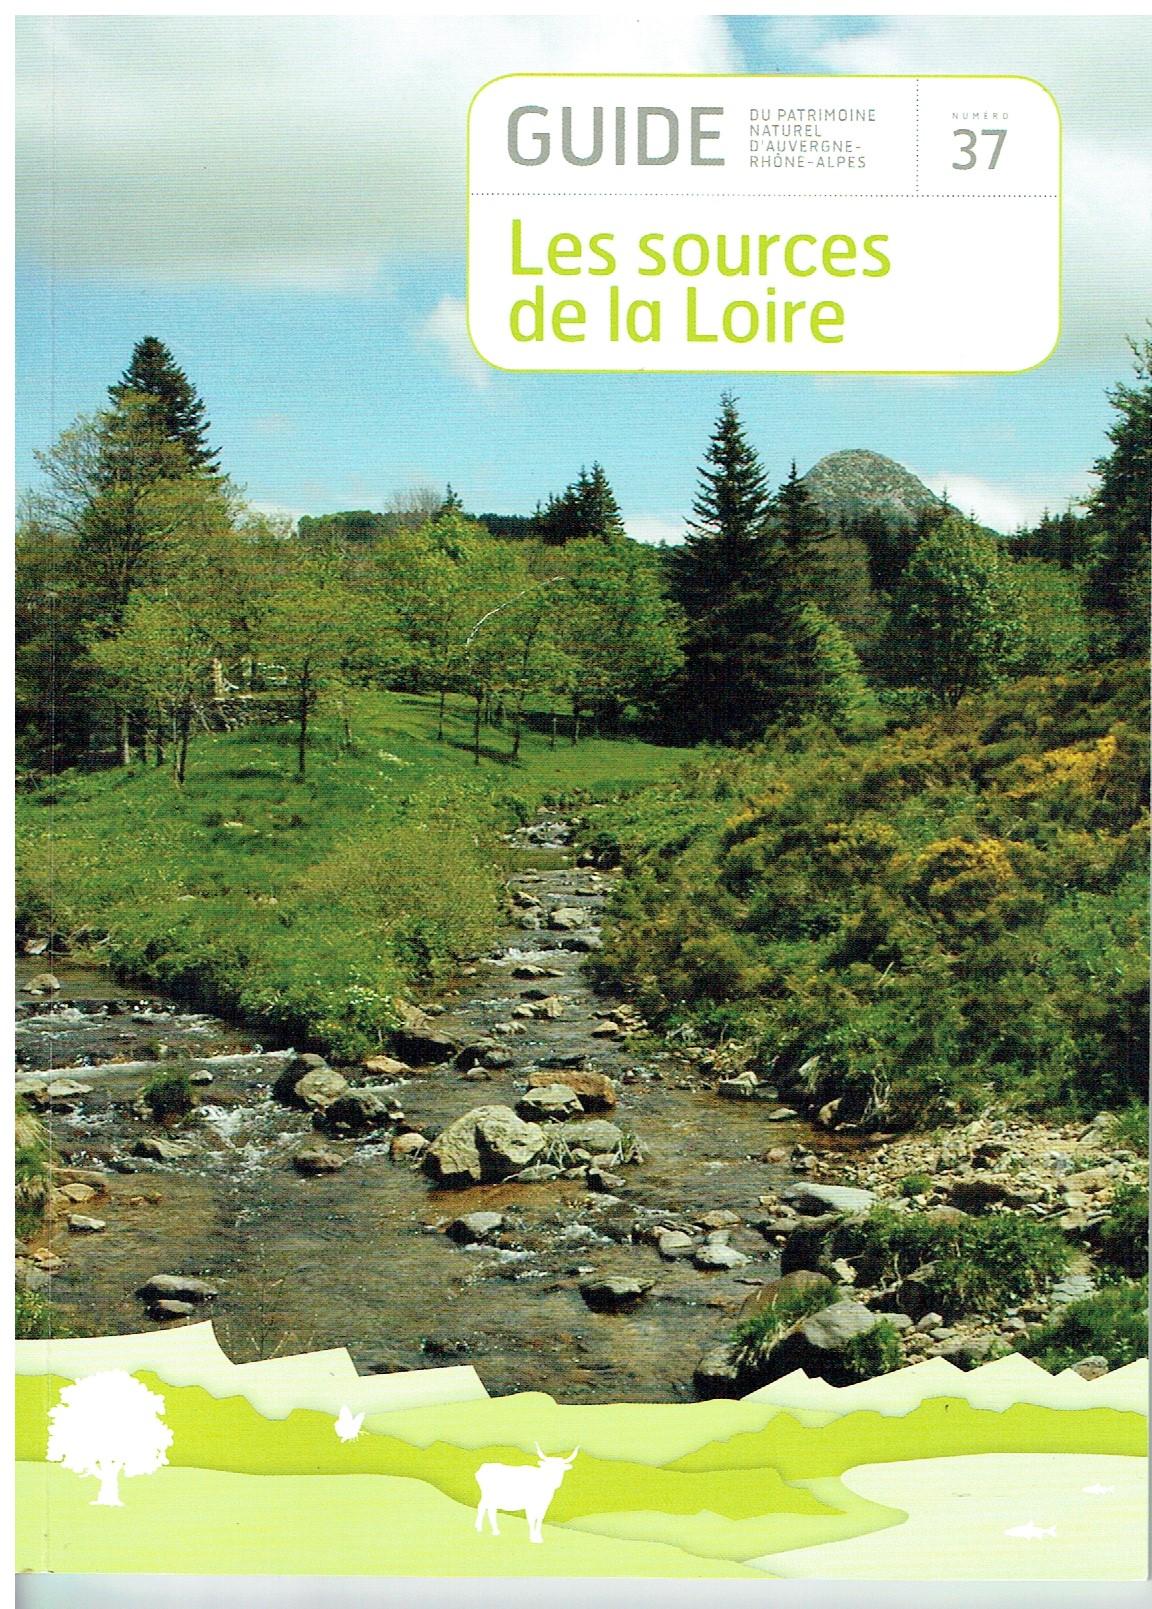 Le guide du patrimoine naturel Auvergne Rhône Alpes